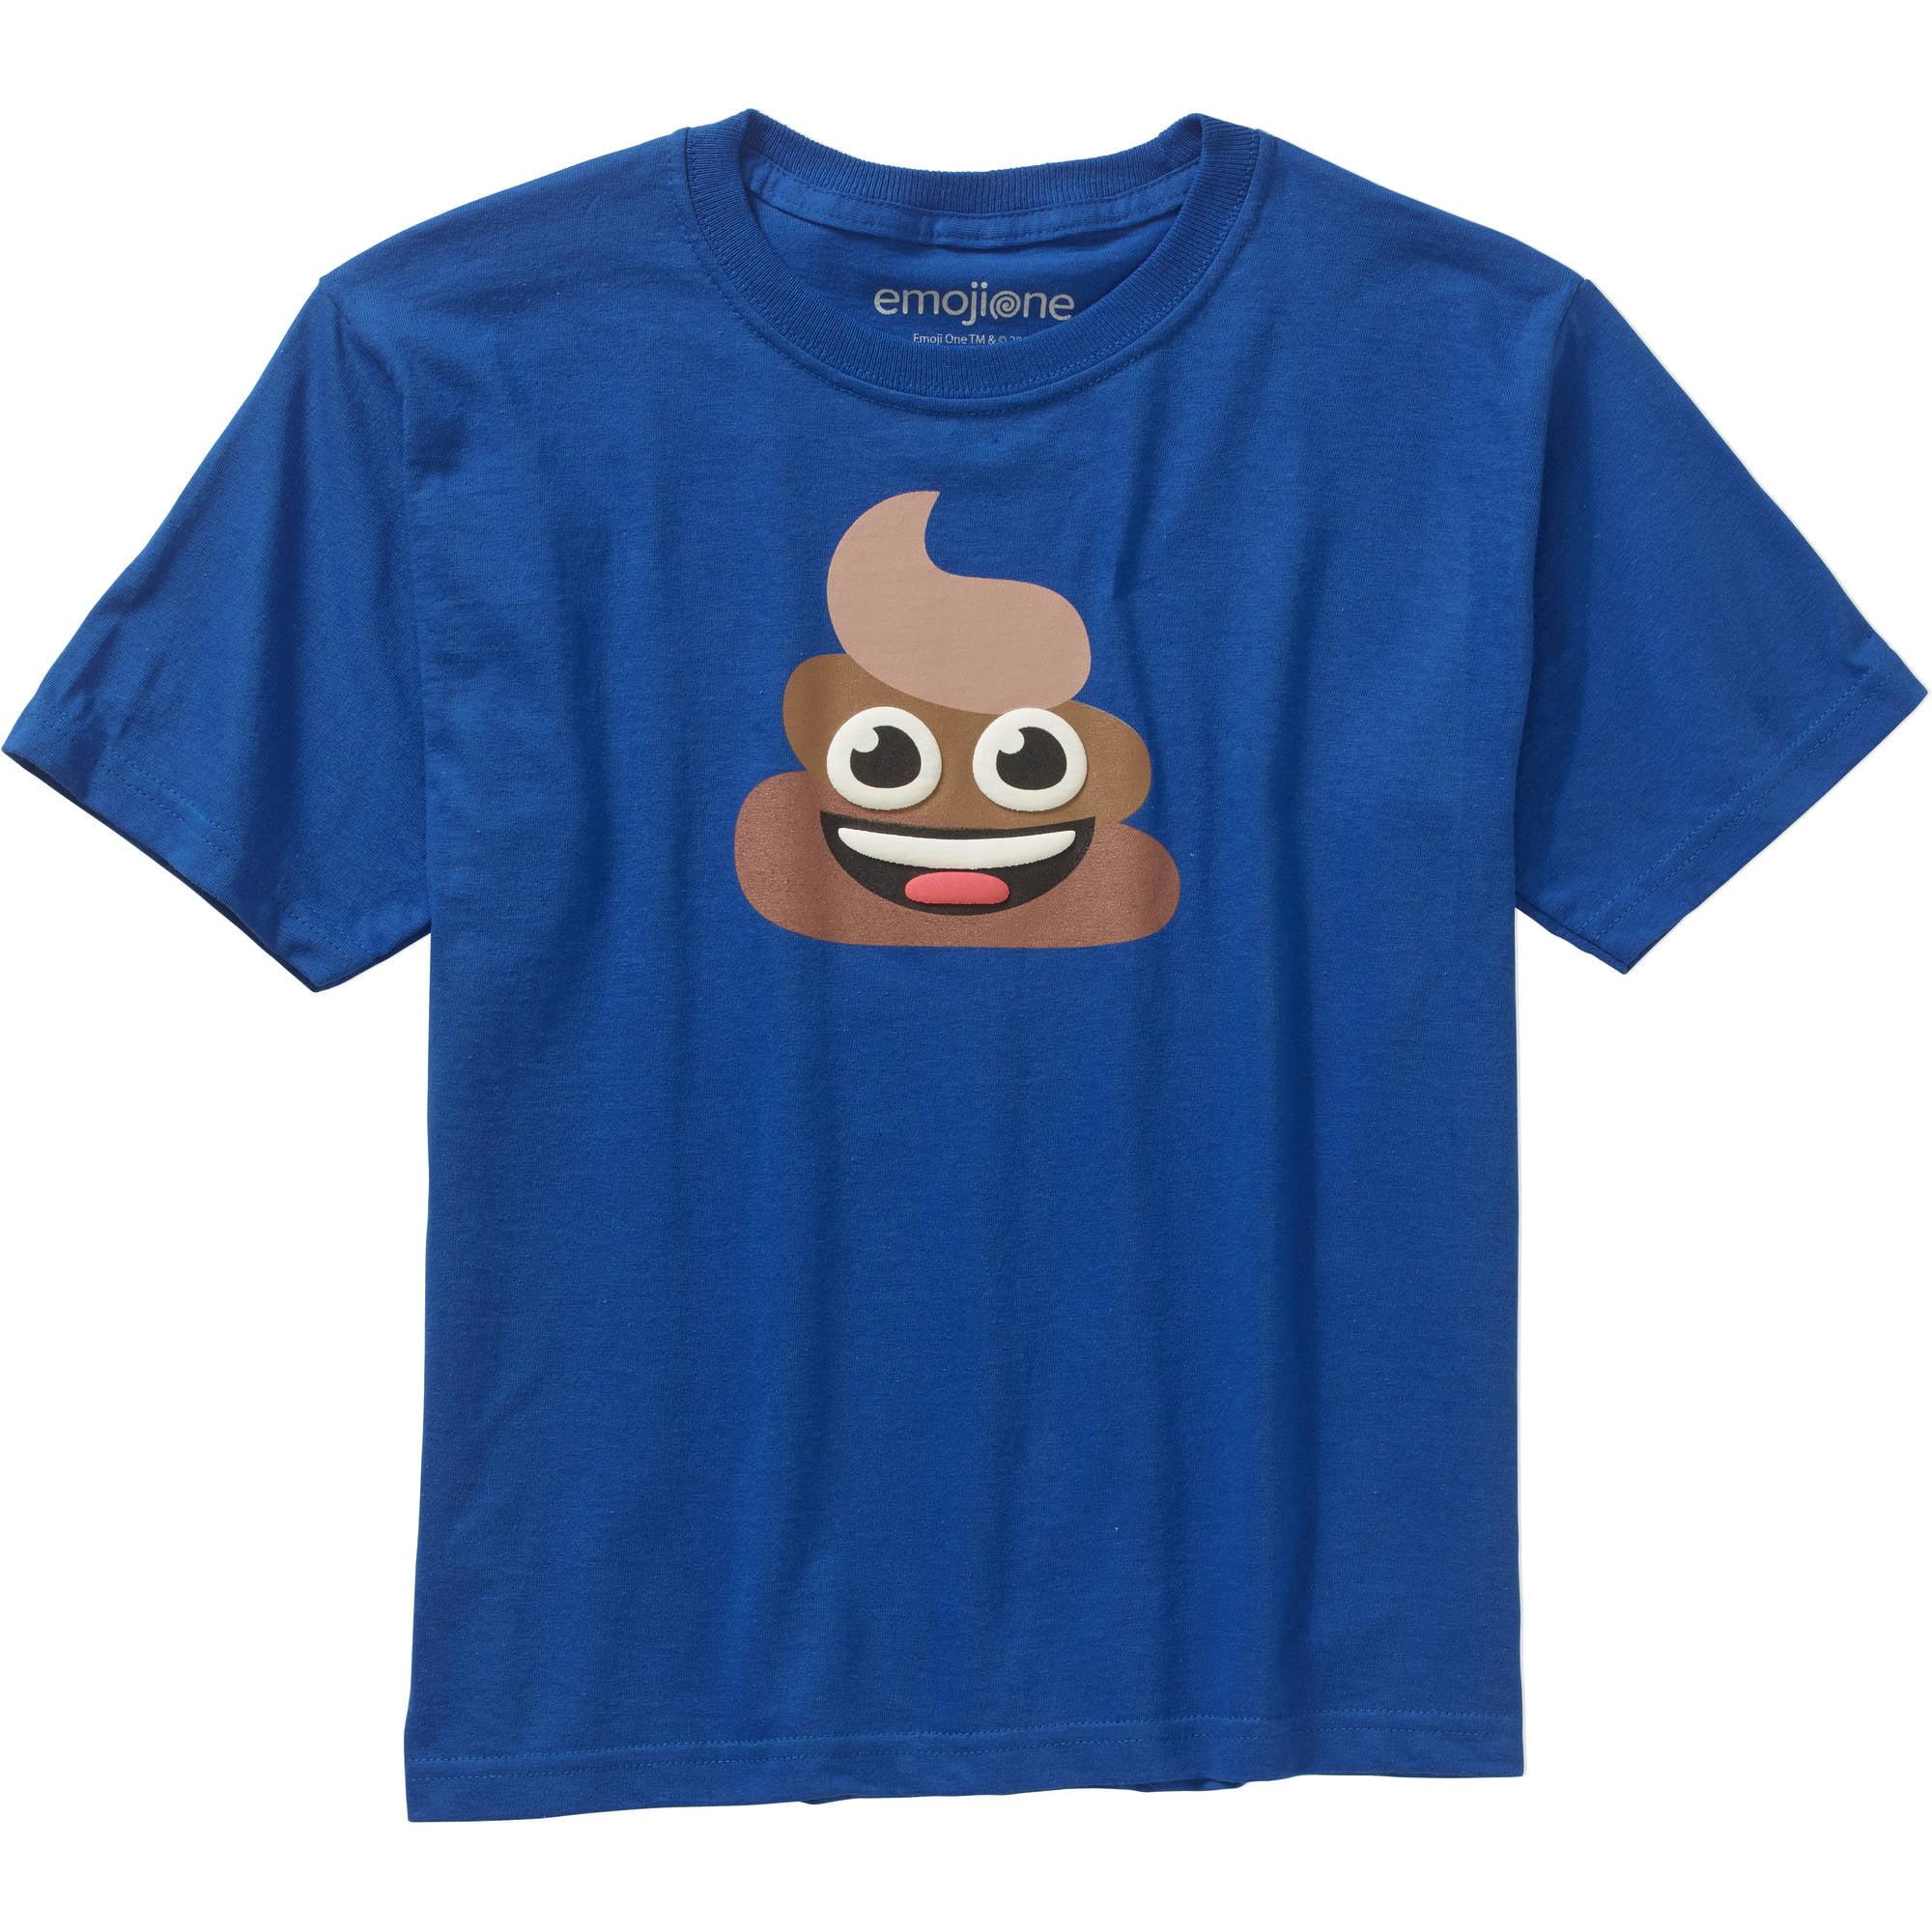 Emoji Poop Boys Graphic Tee